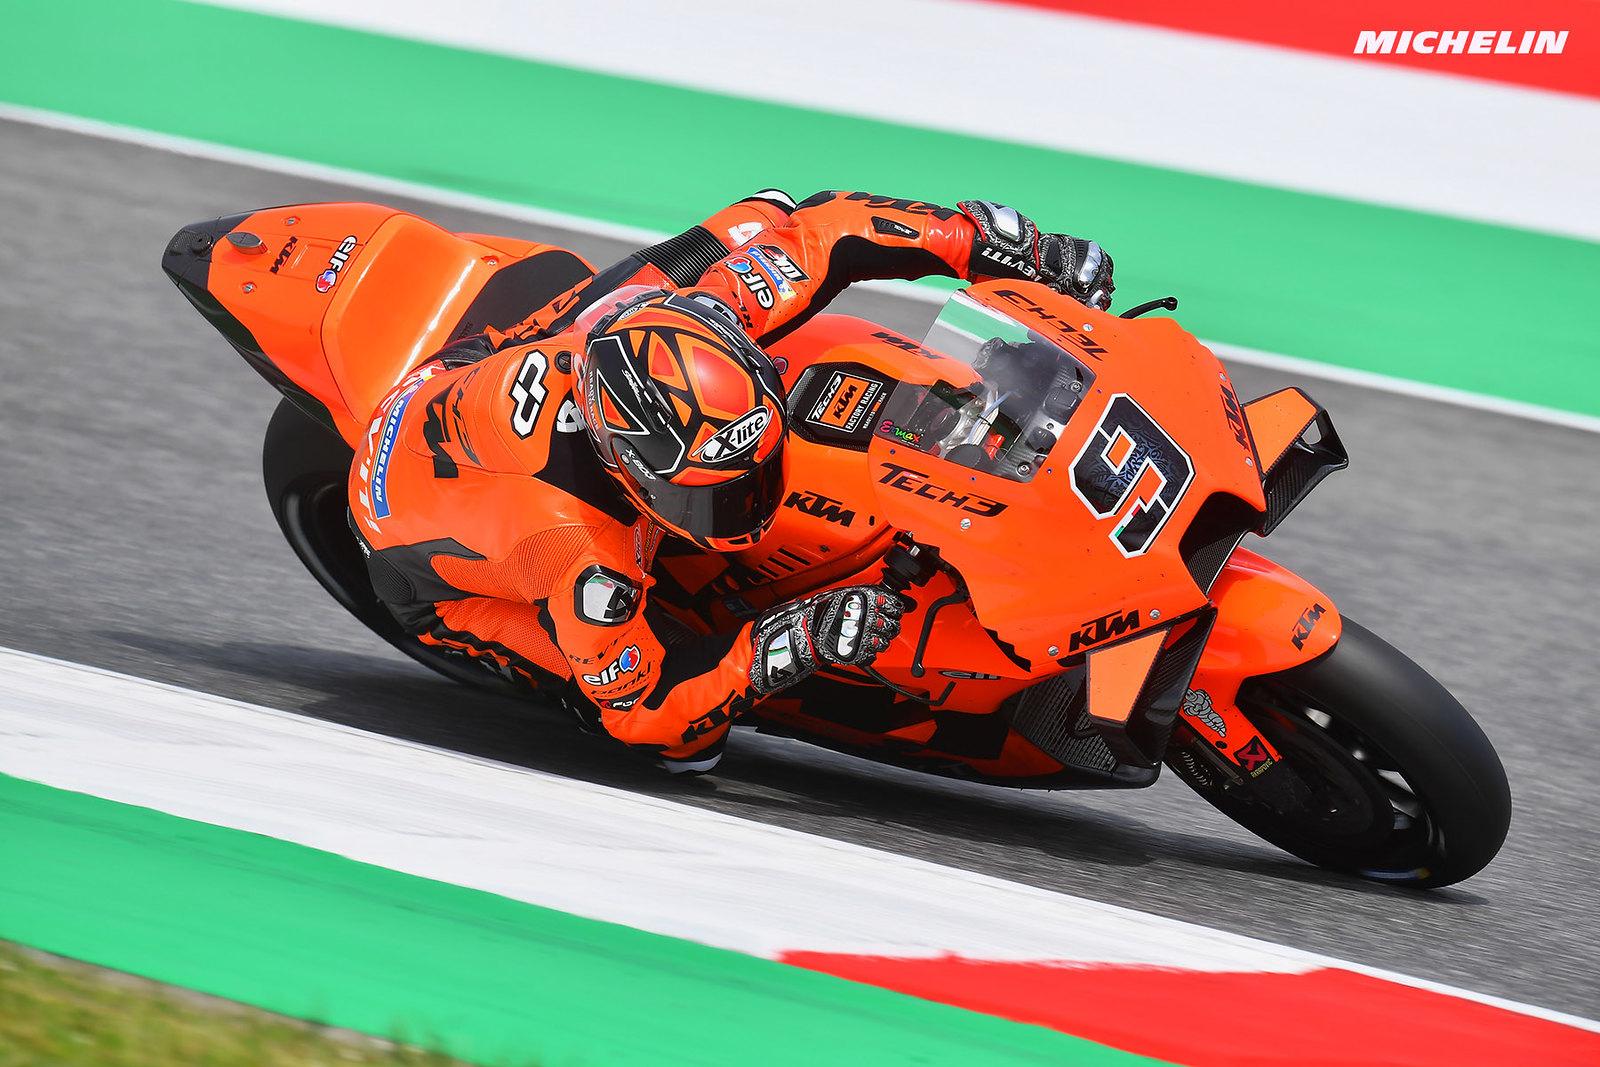 MotoGP2021イタリアGP 9位ダニーロ・ペトルッチ「後方からのスタートで苦戦した」